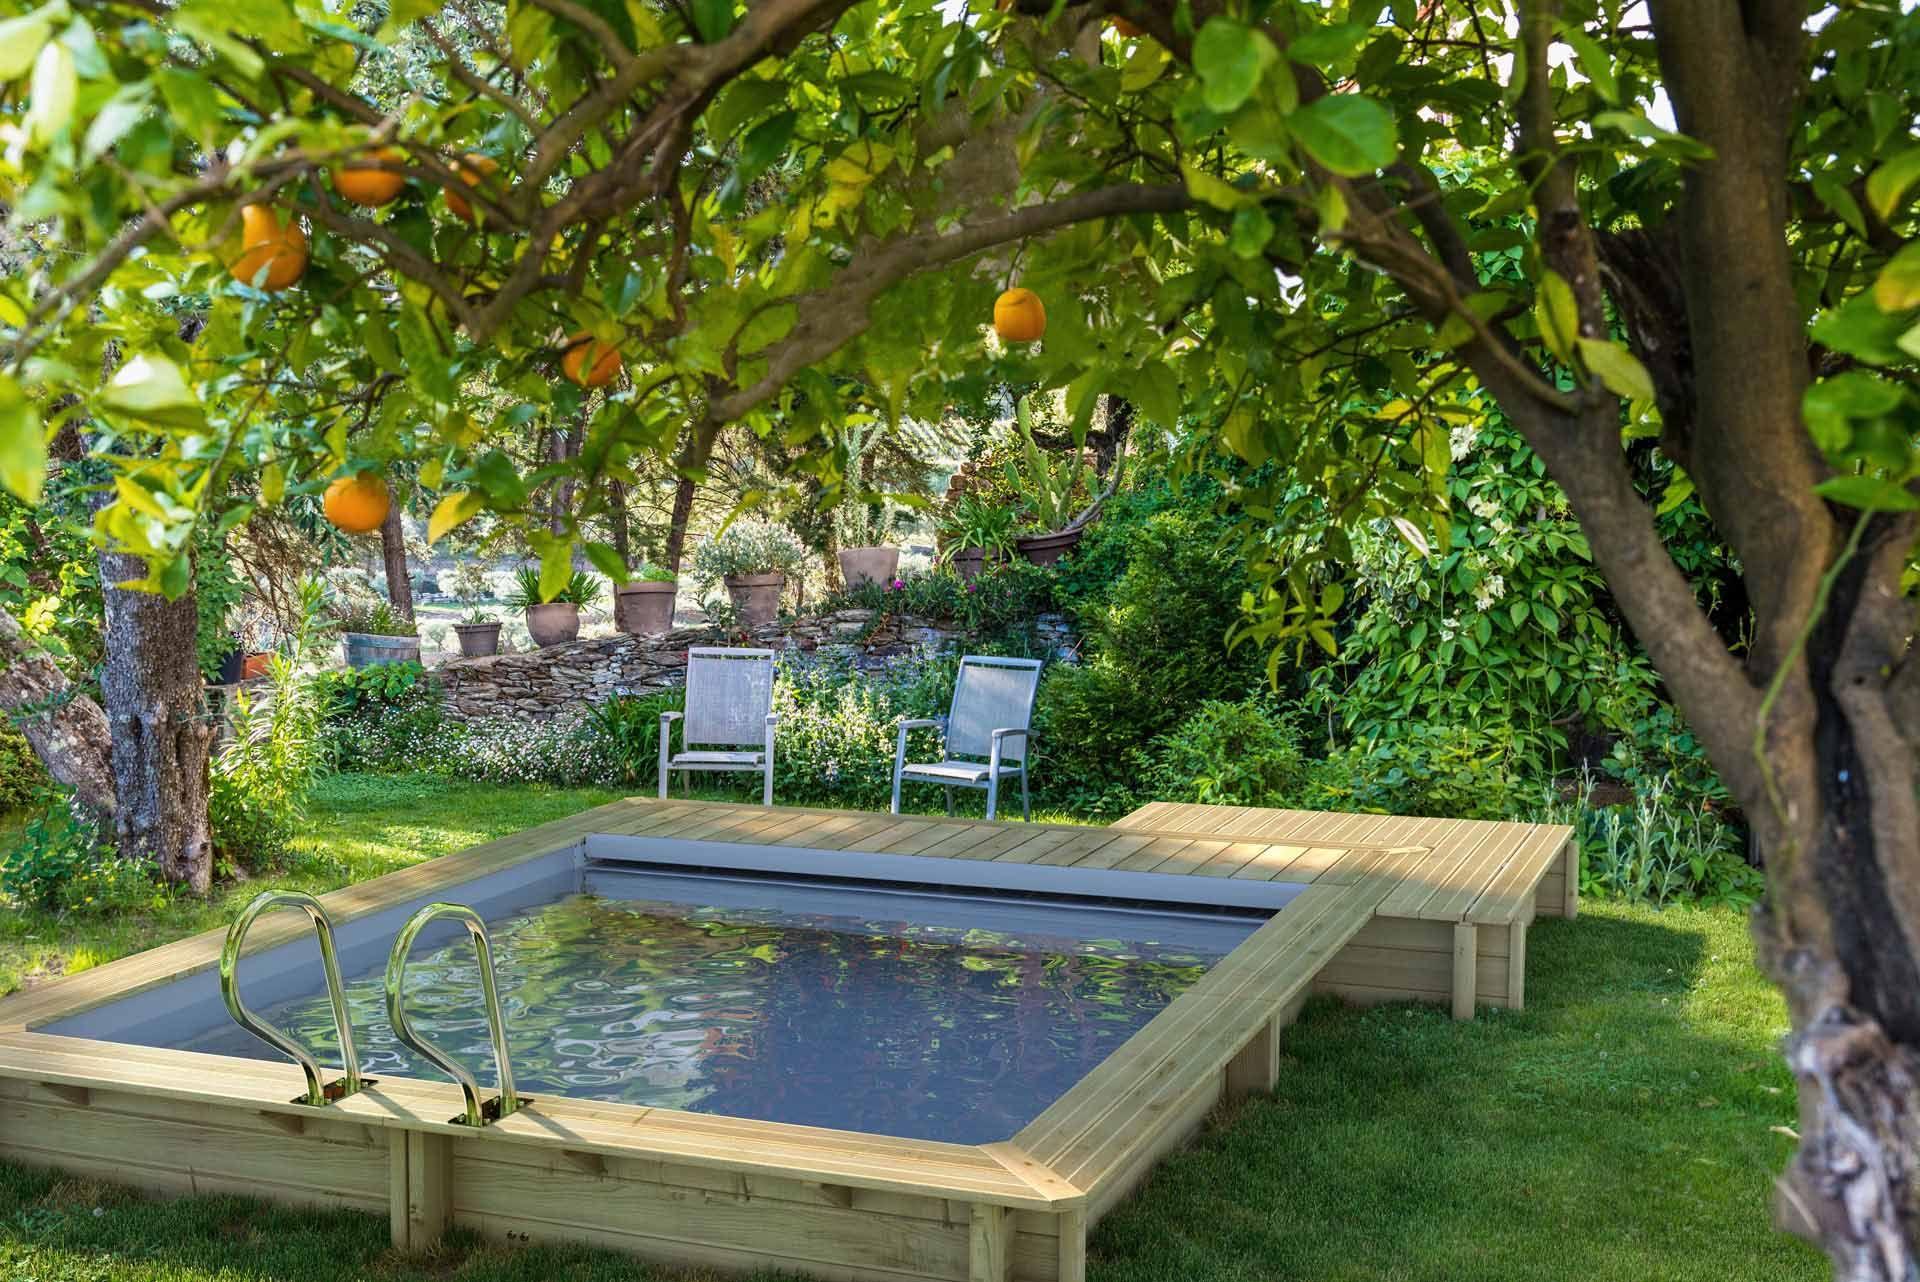 Quelle Piscine Choisir En Fonction De La Surface Du Jardin Piscine Hors Sol Bois Piscine Hors Sol Piscine Bois